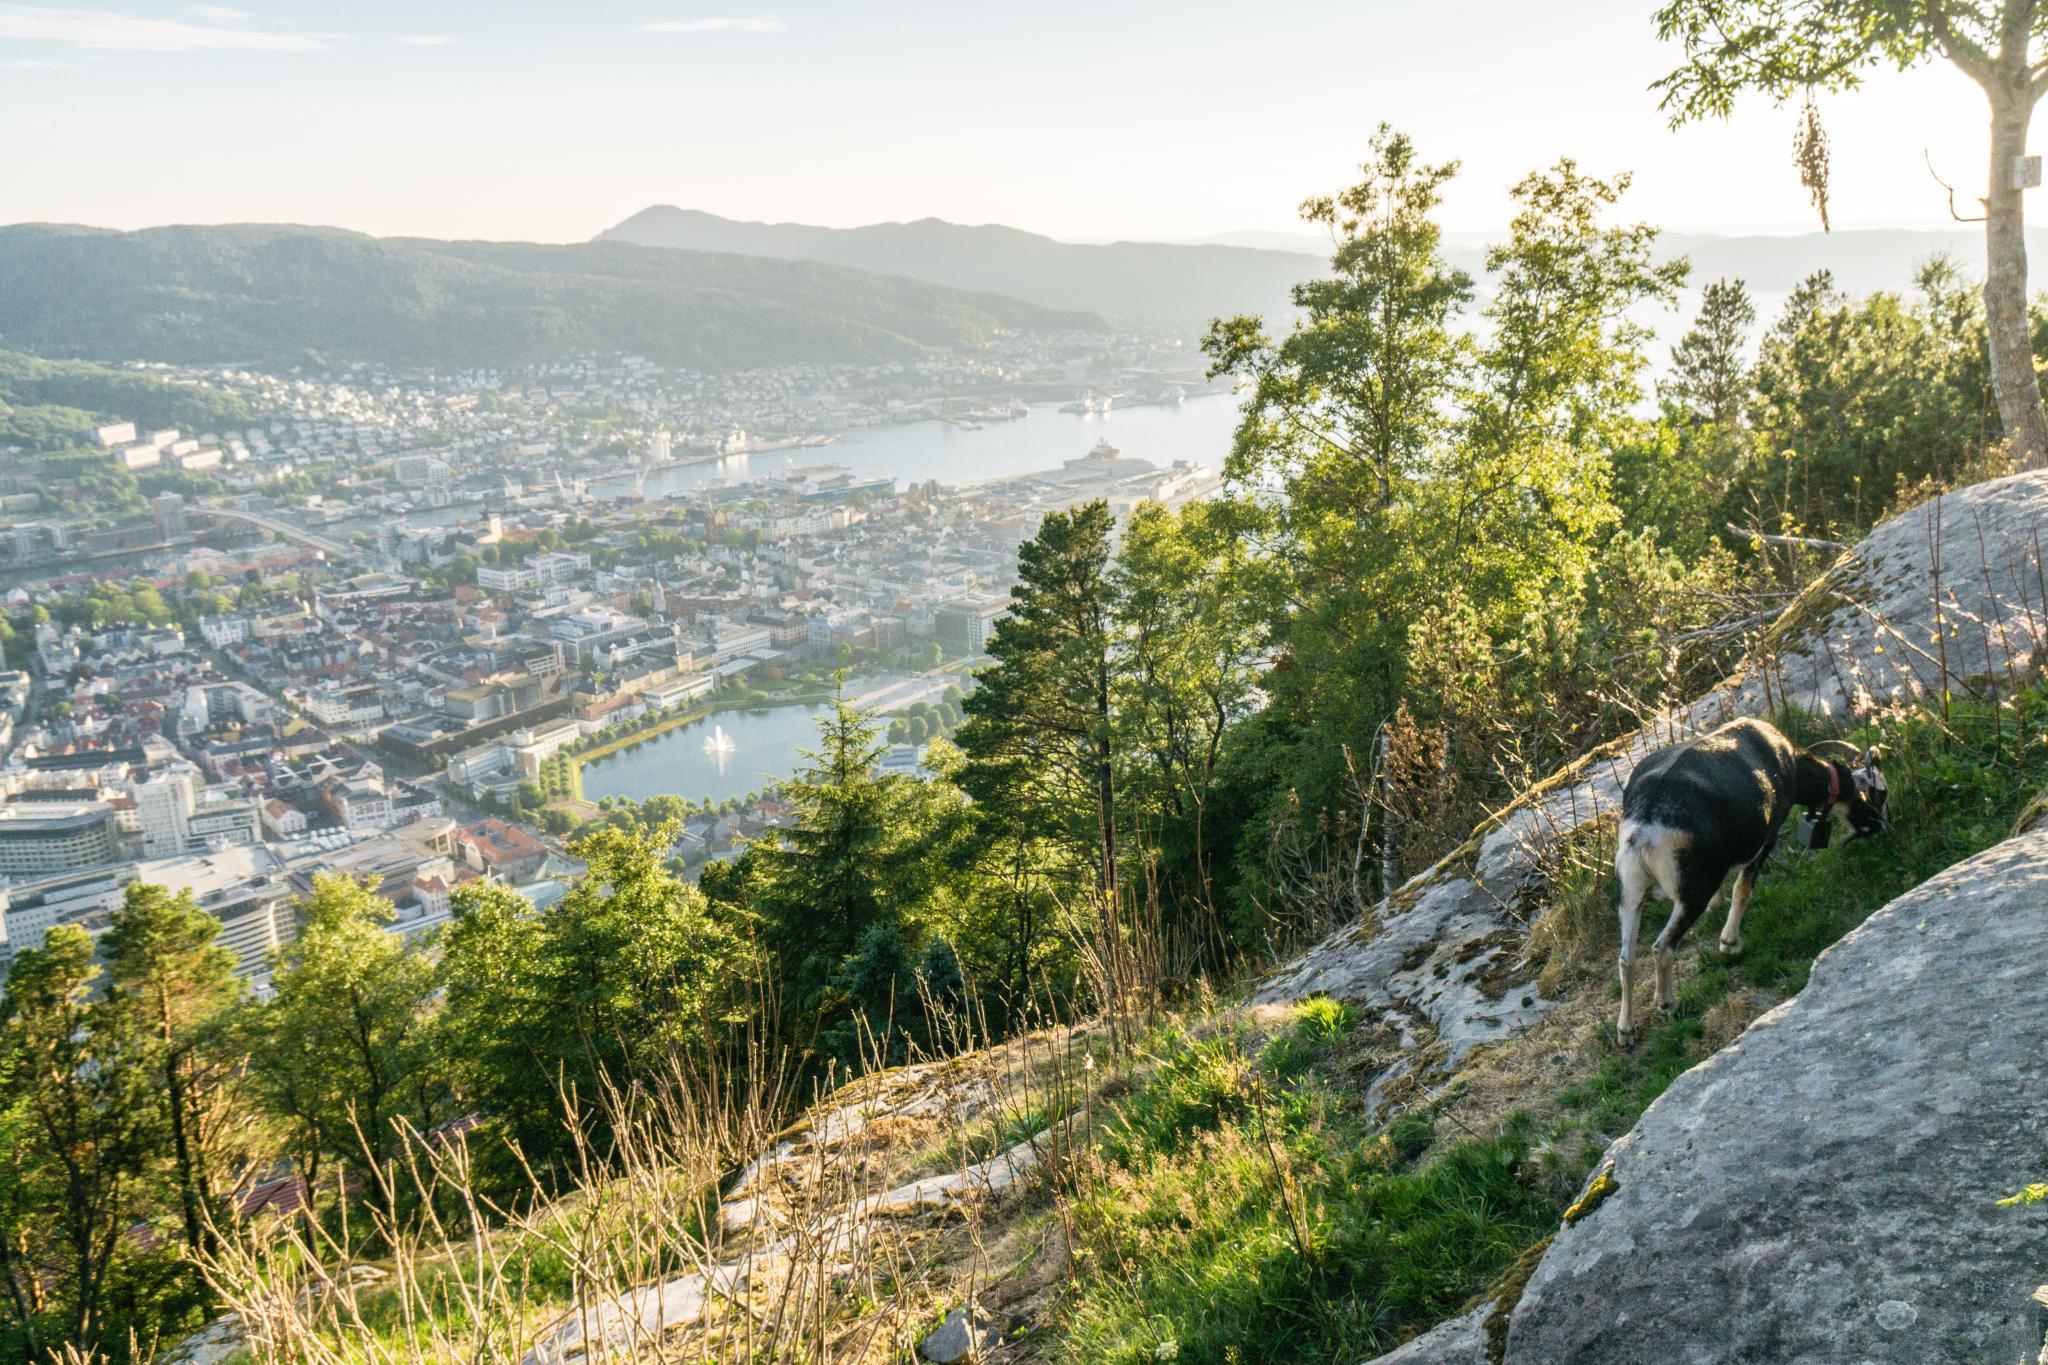 【卑爾根】Fløyen 佛洛伊恩山纜車與觀景台 — 擁抱文化港都的百萬美景 94